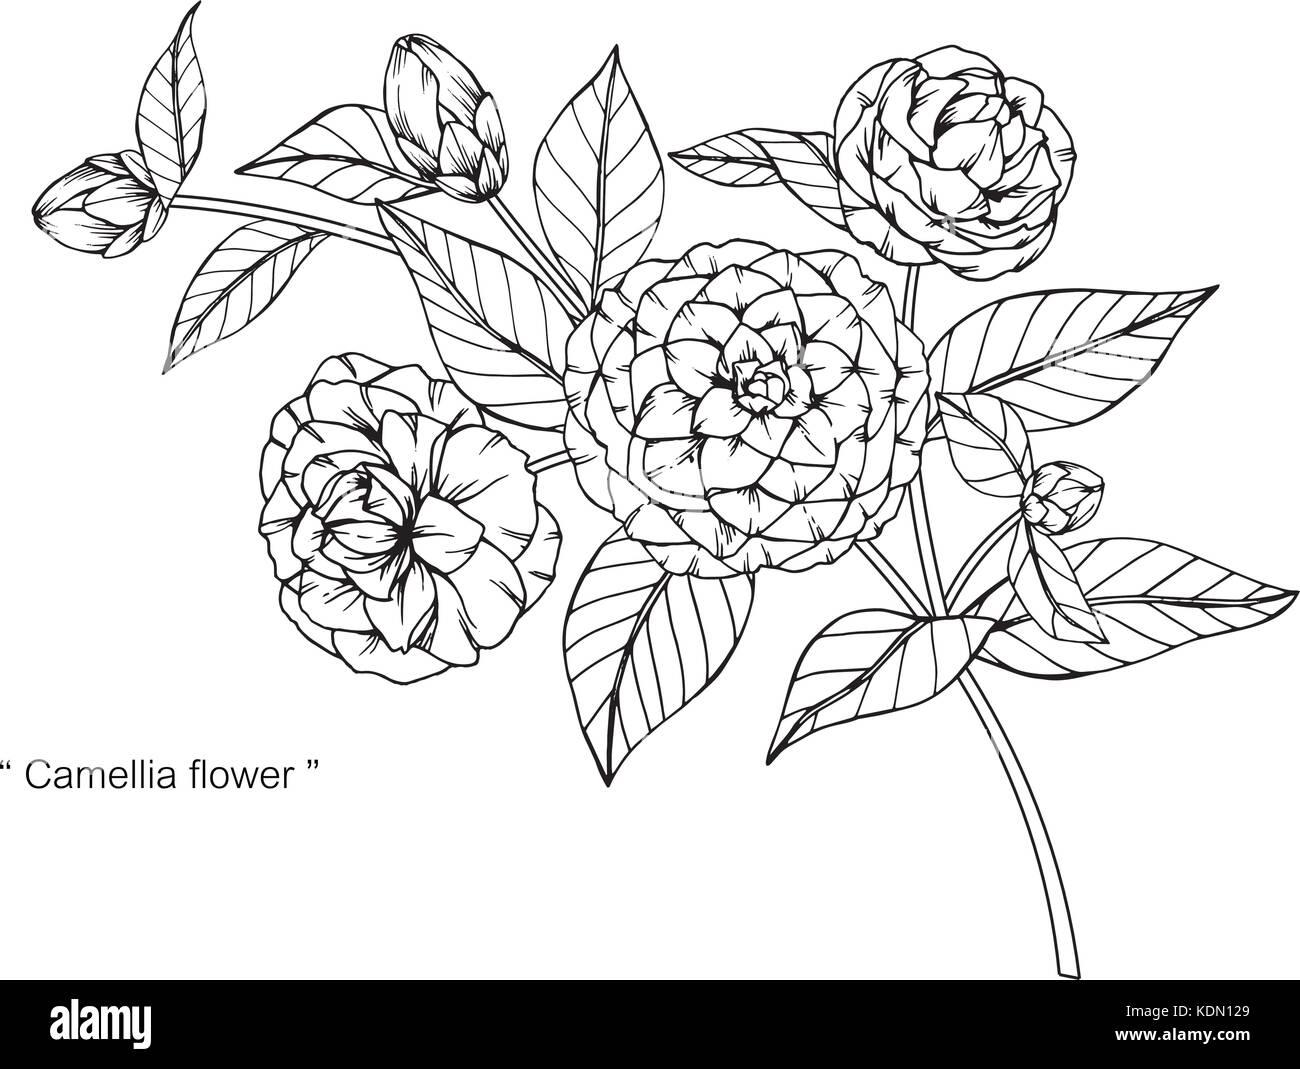 Dibujo De Flores De Camelia Ilustración. Blanco Y Negro